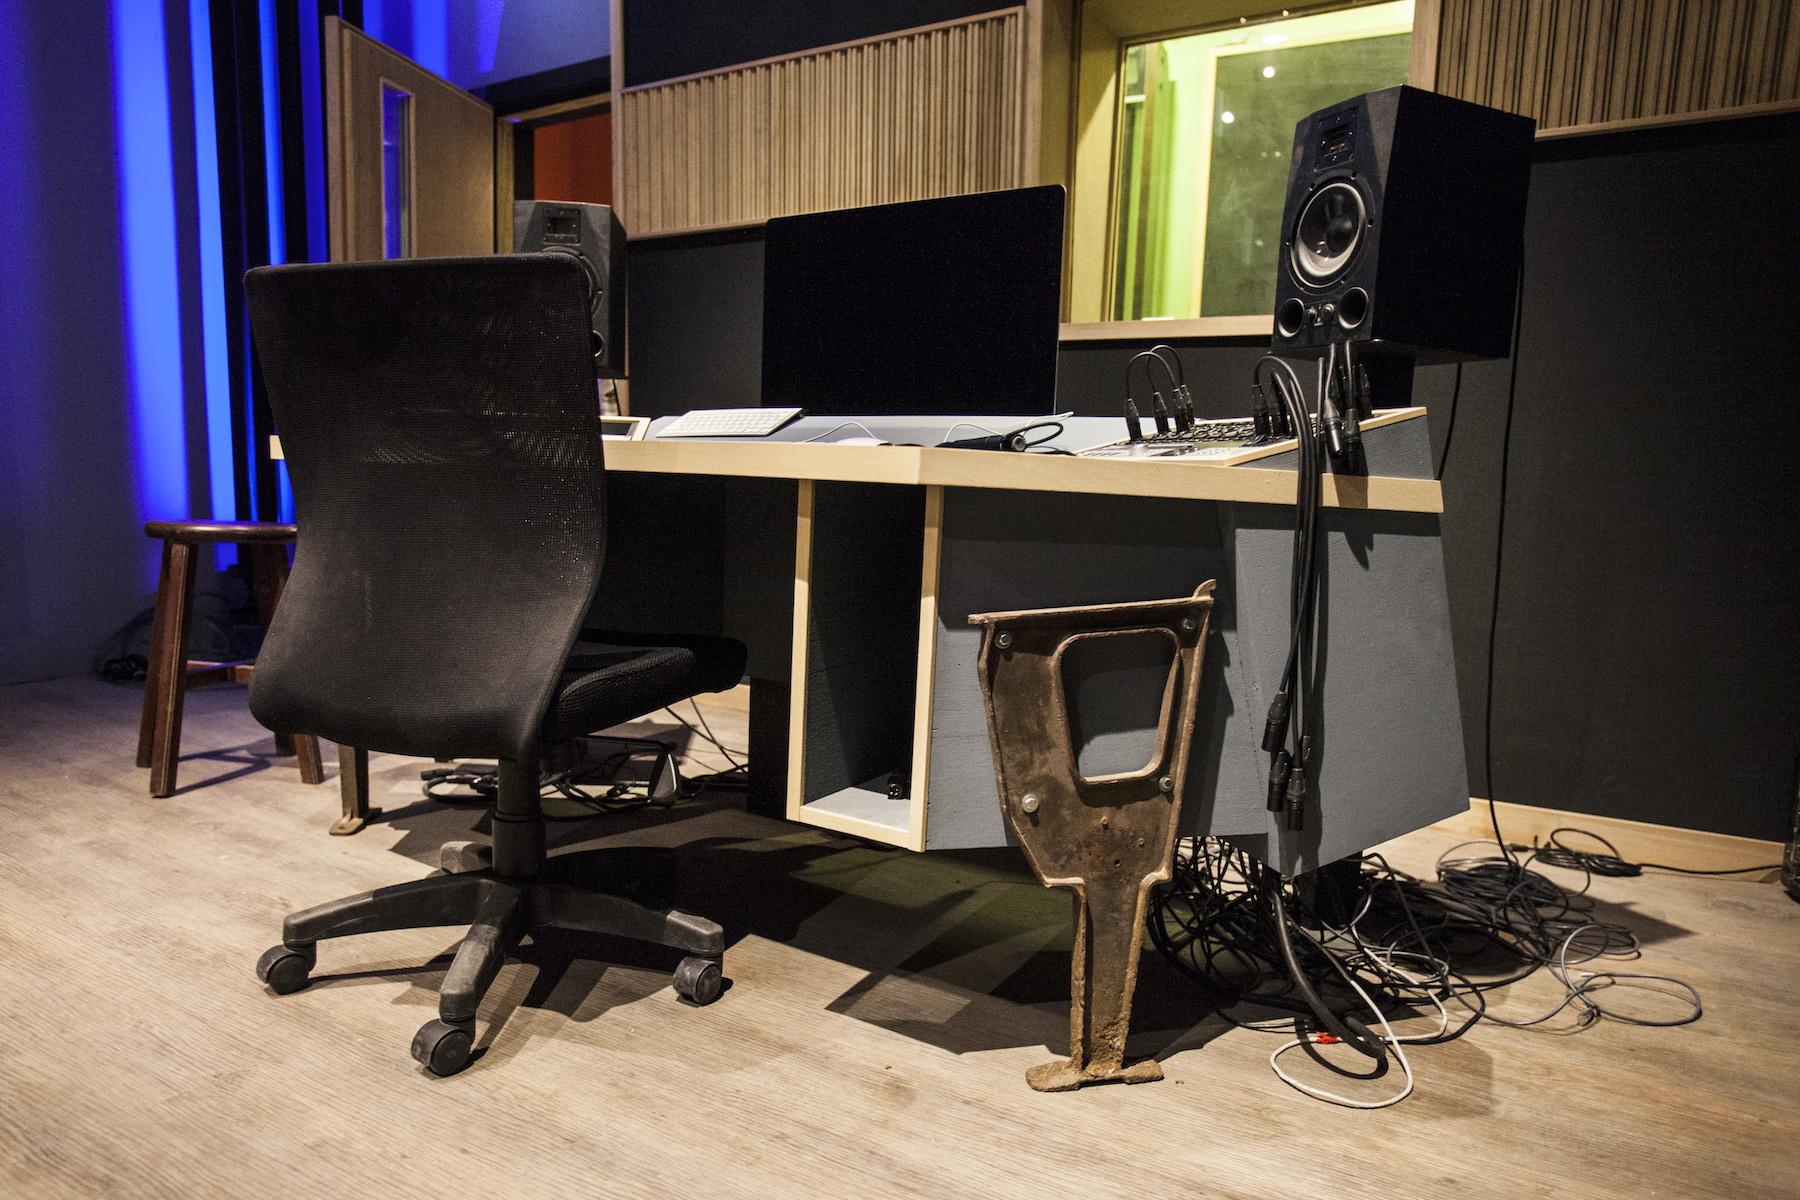 用舊戲院遺留下來的椅腳設計而成,control room的桌腳也是喔!